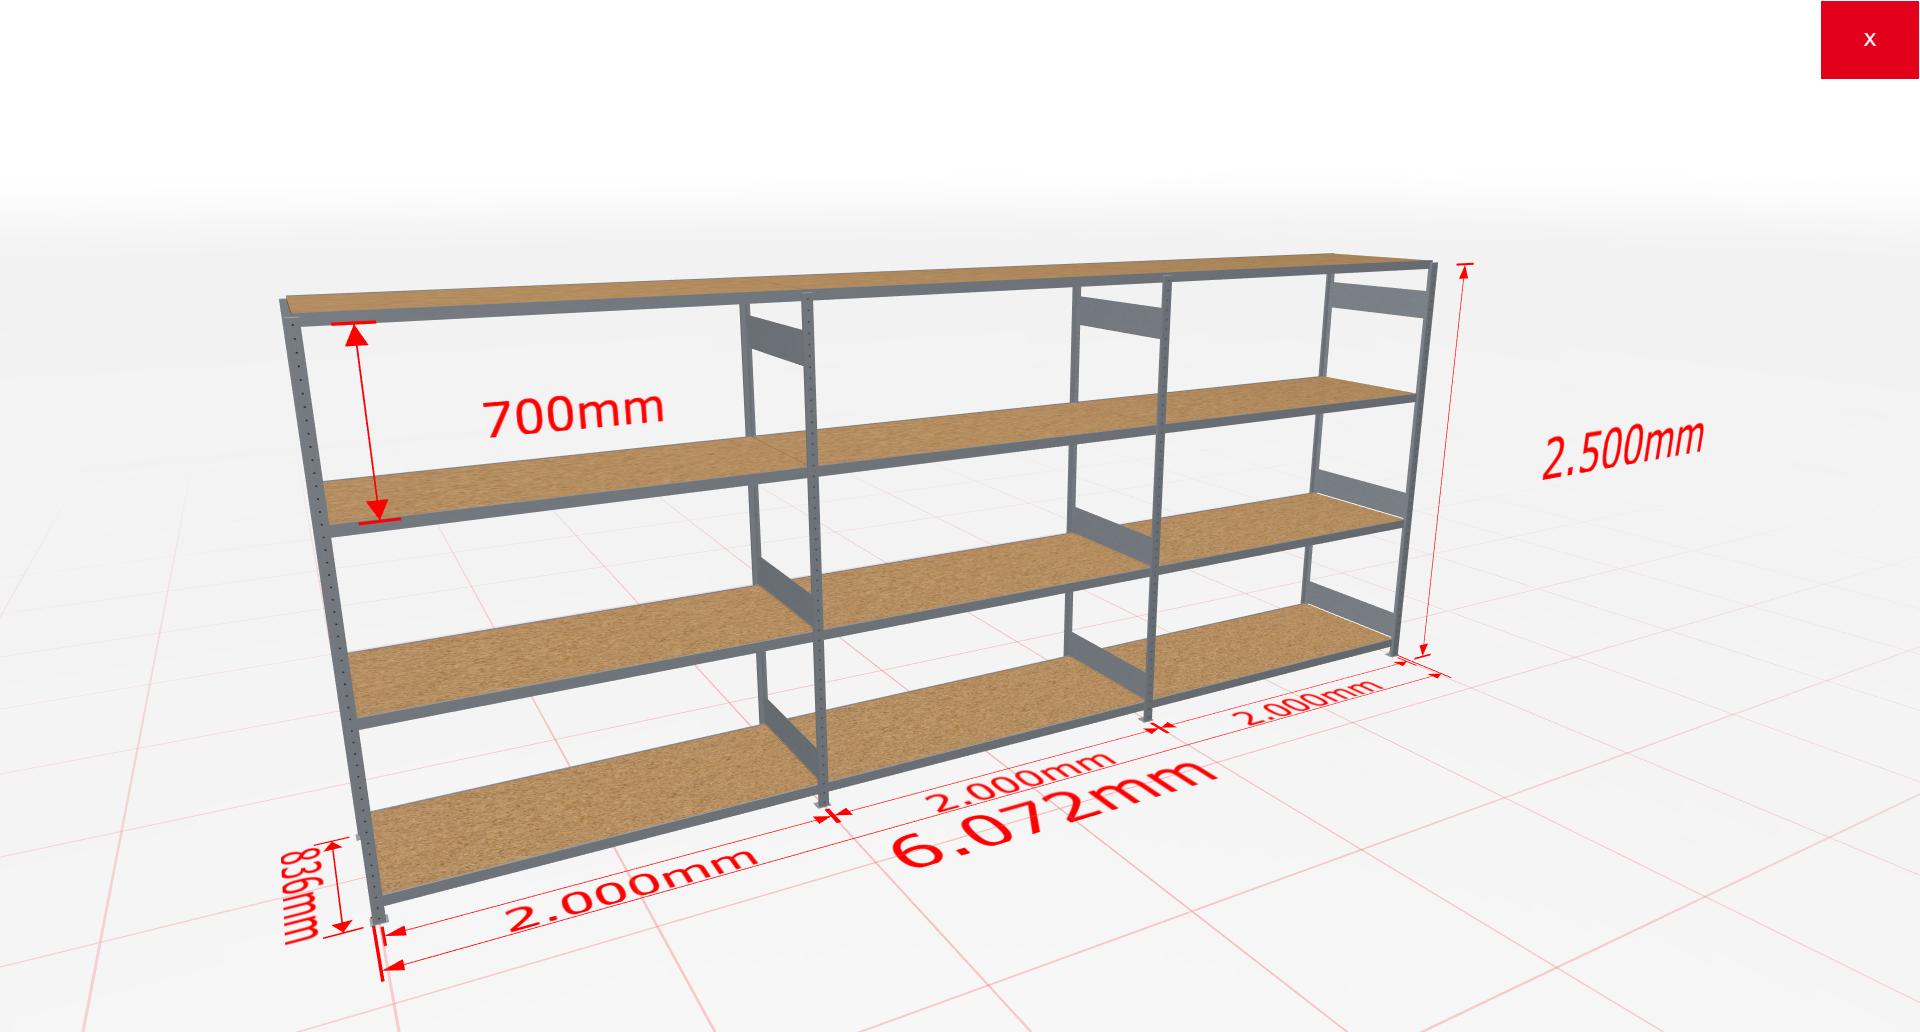 Weitspannregal Komplettregal 2500x6072x800 mm (HxBxT) SCHULTE Lagertechnik verzinkt mit Spanplattenböden